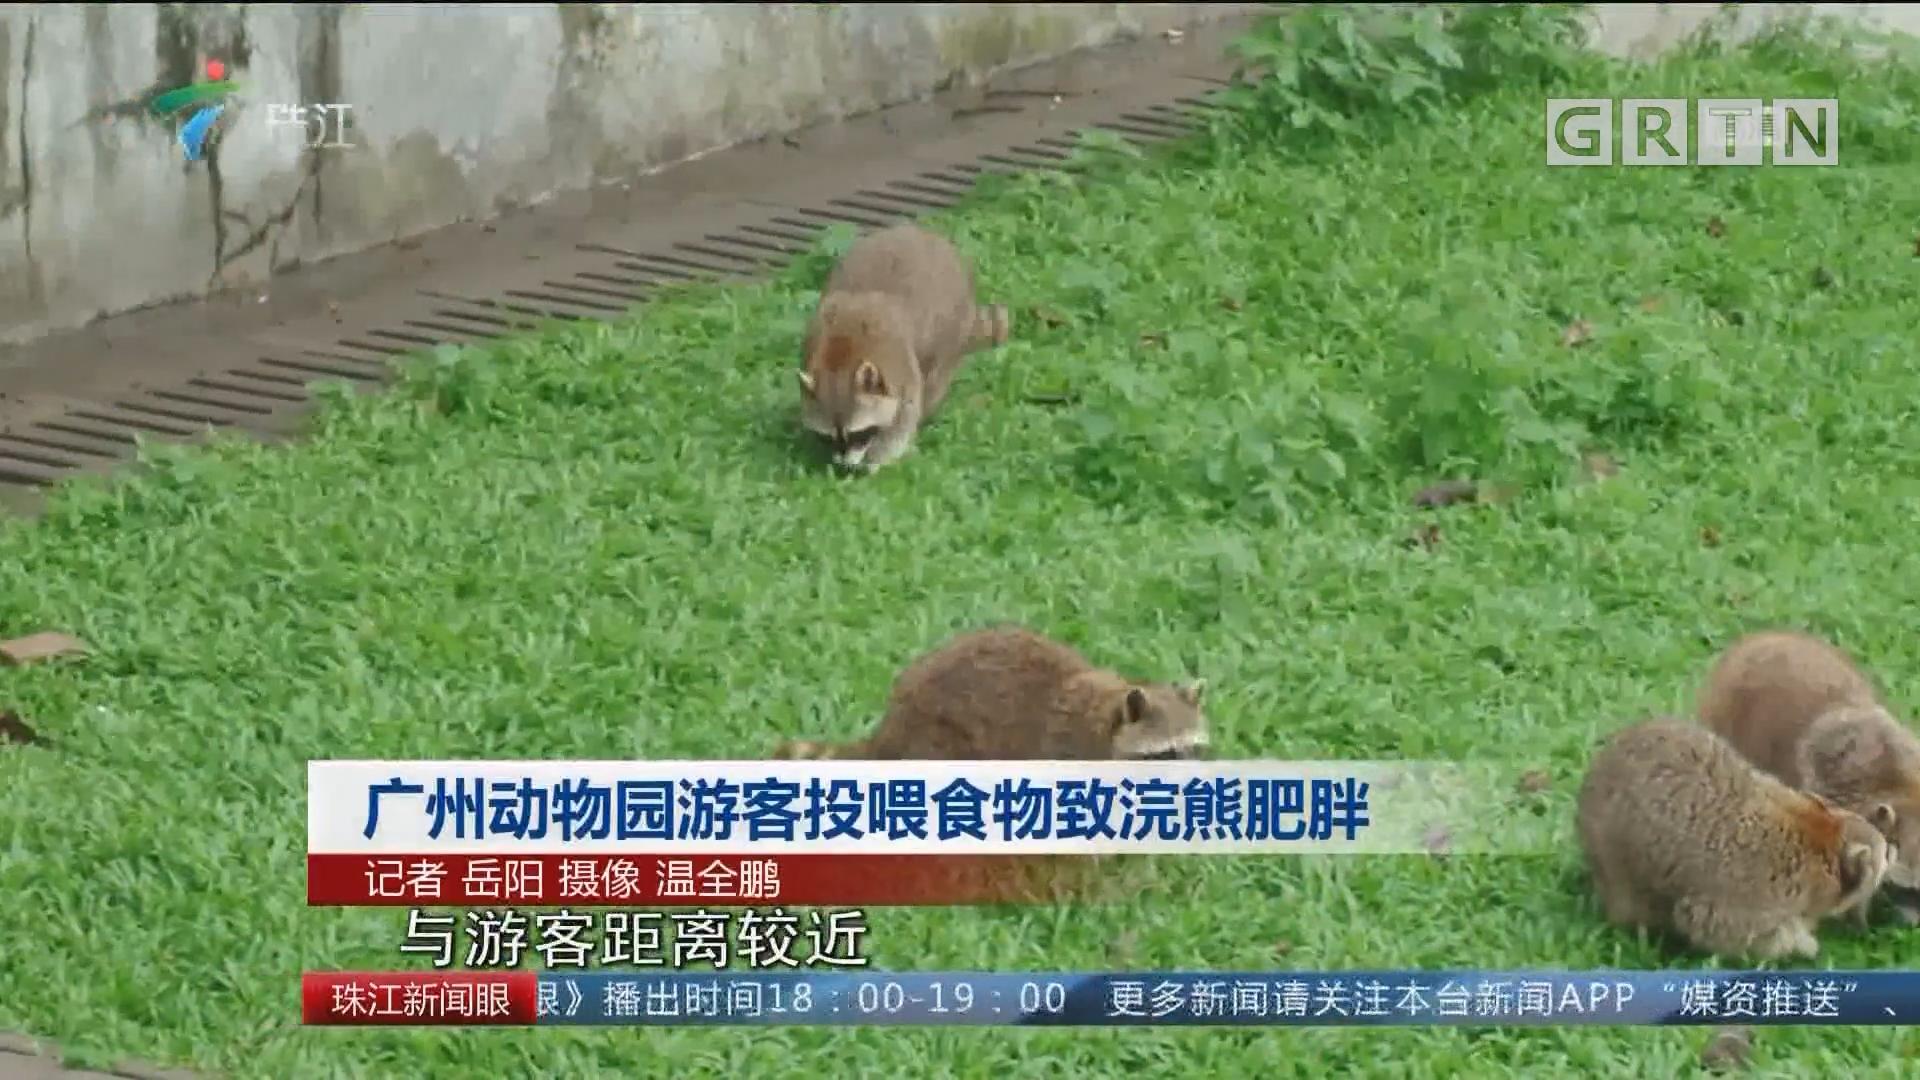 广州动物园游客投喂食物致浣熊肥胖